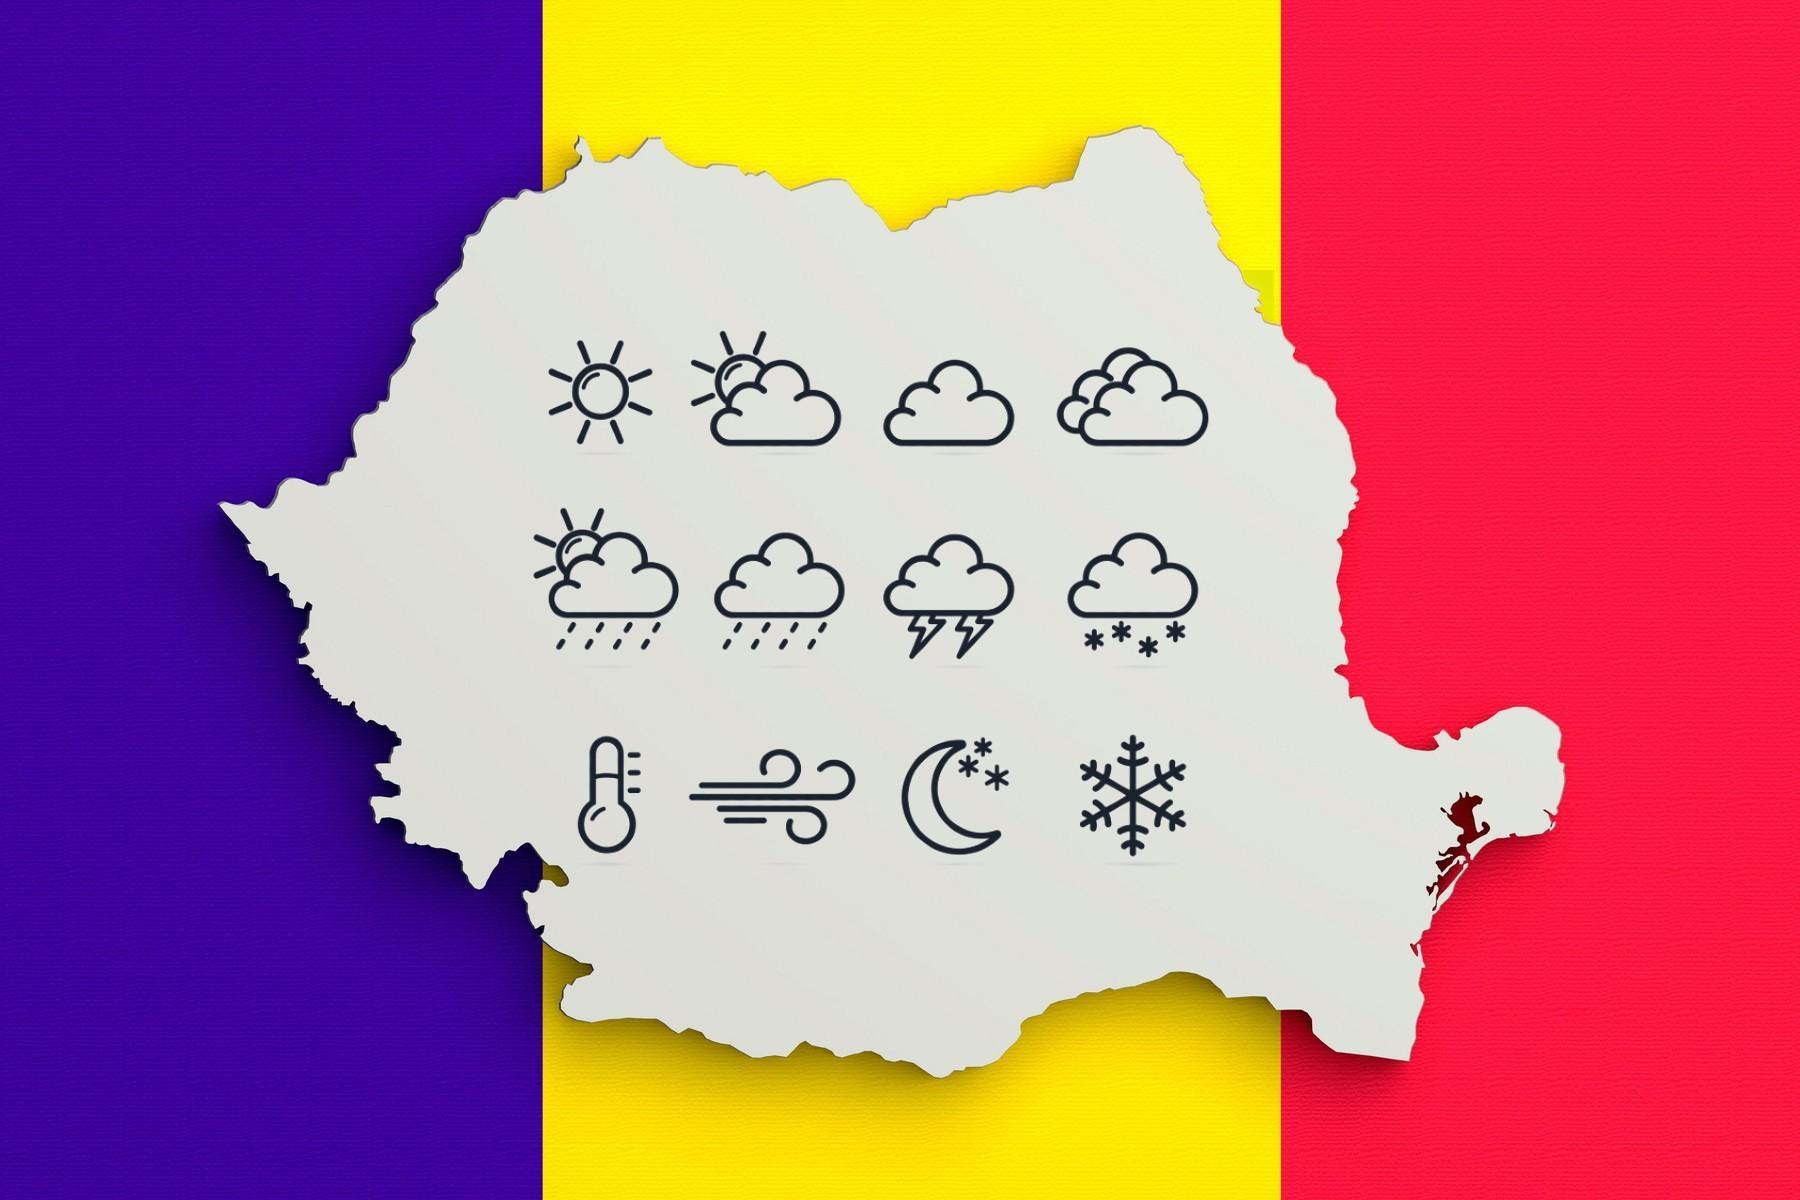 Prognoza meteo 3 februarie 2021. Cum e vremea în România și care sunt previziunile ANM pentru astăzi